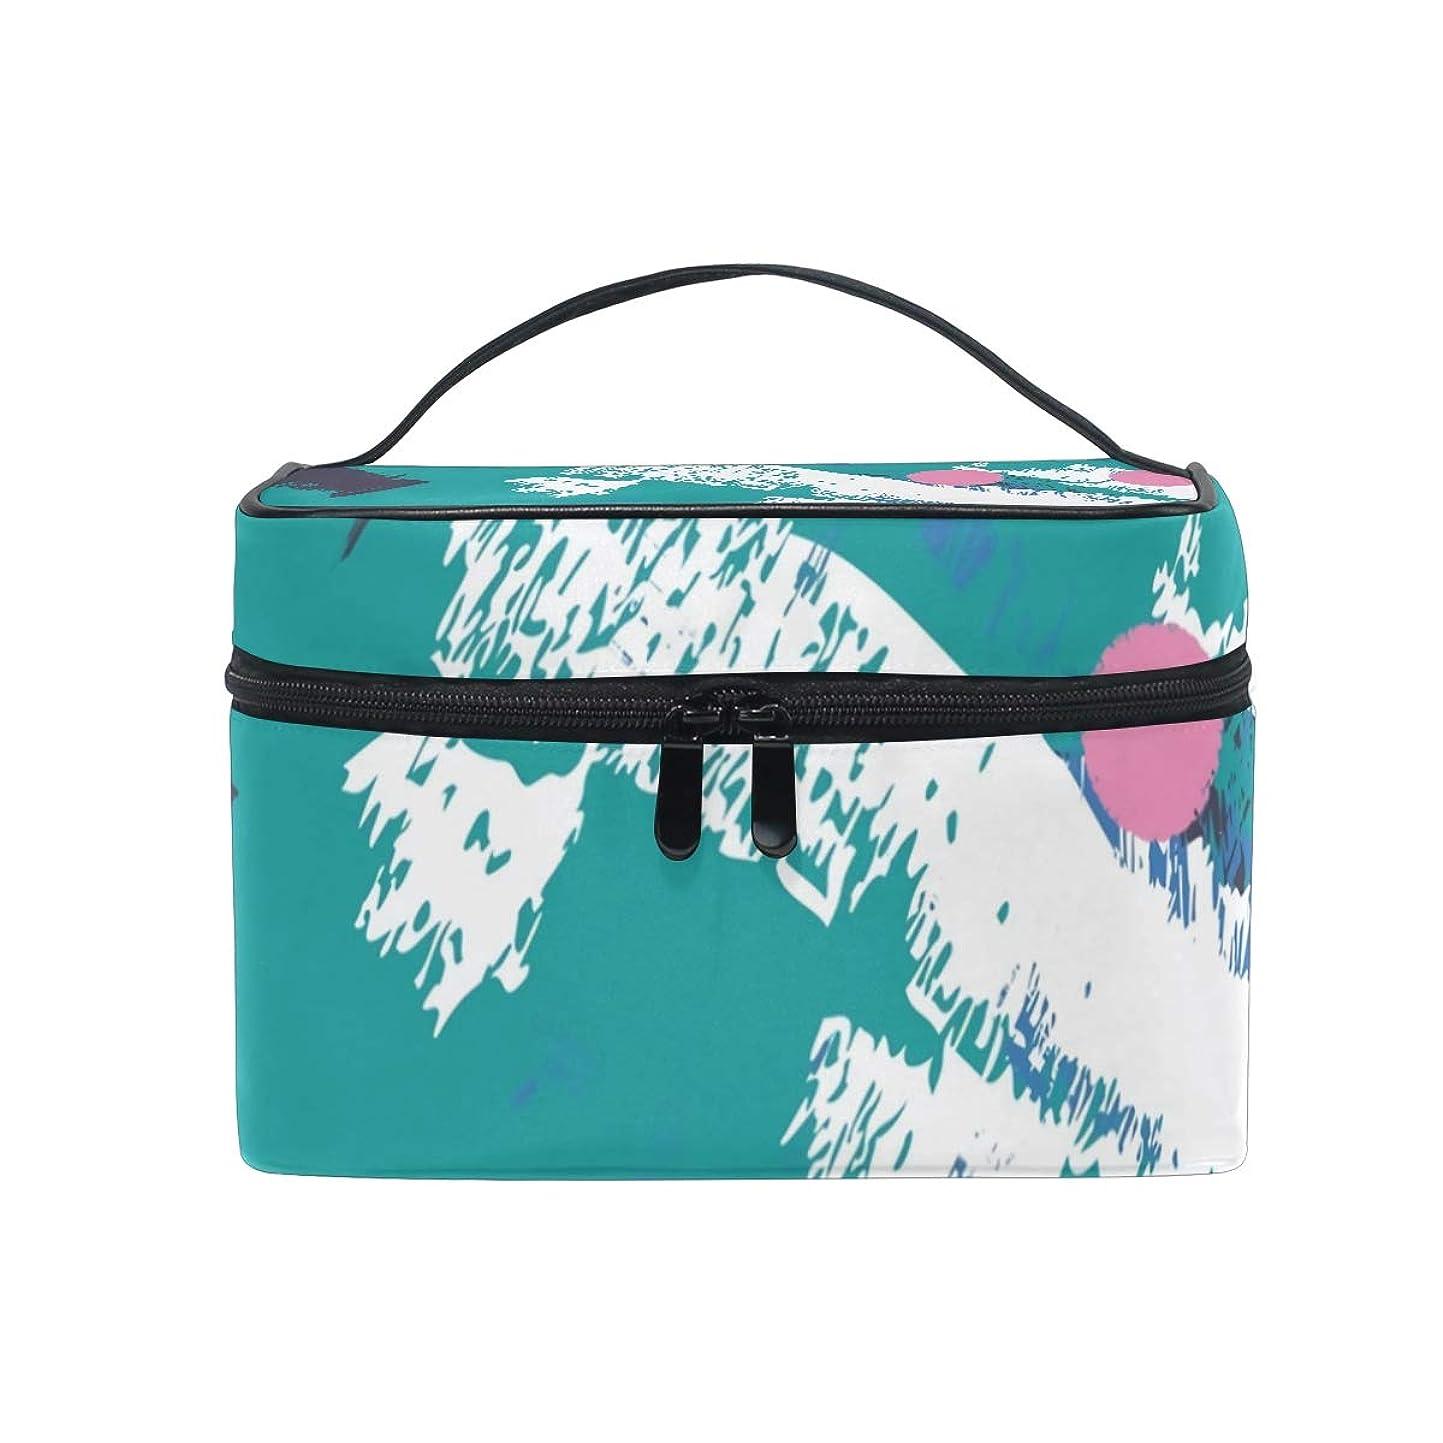 ツインクッションリスクメイクボックス 20代 復古1980芸術柄 化粧ポーチ 化粧品 化粧道具 小物入れ メイクブラシバッグ 大容量 旅行用 収納ケース